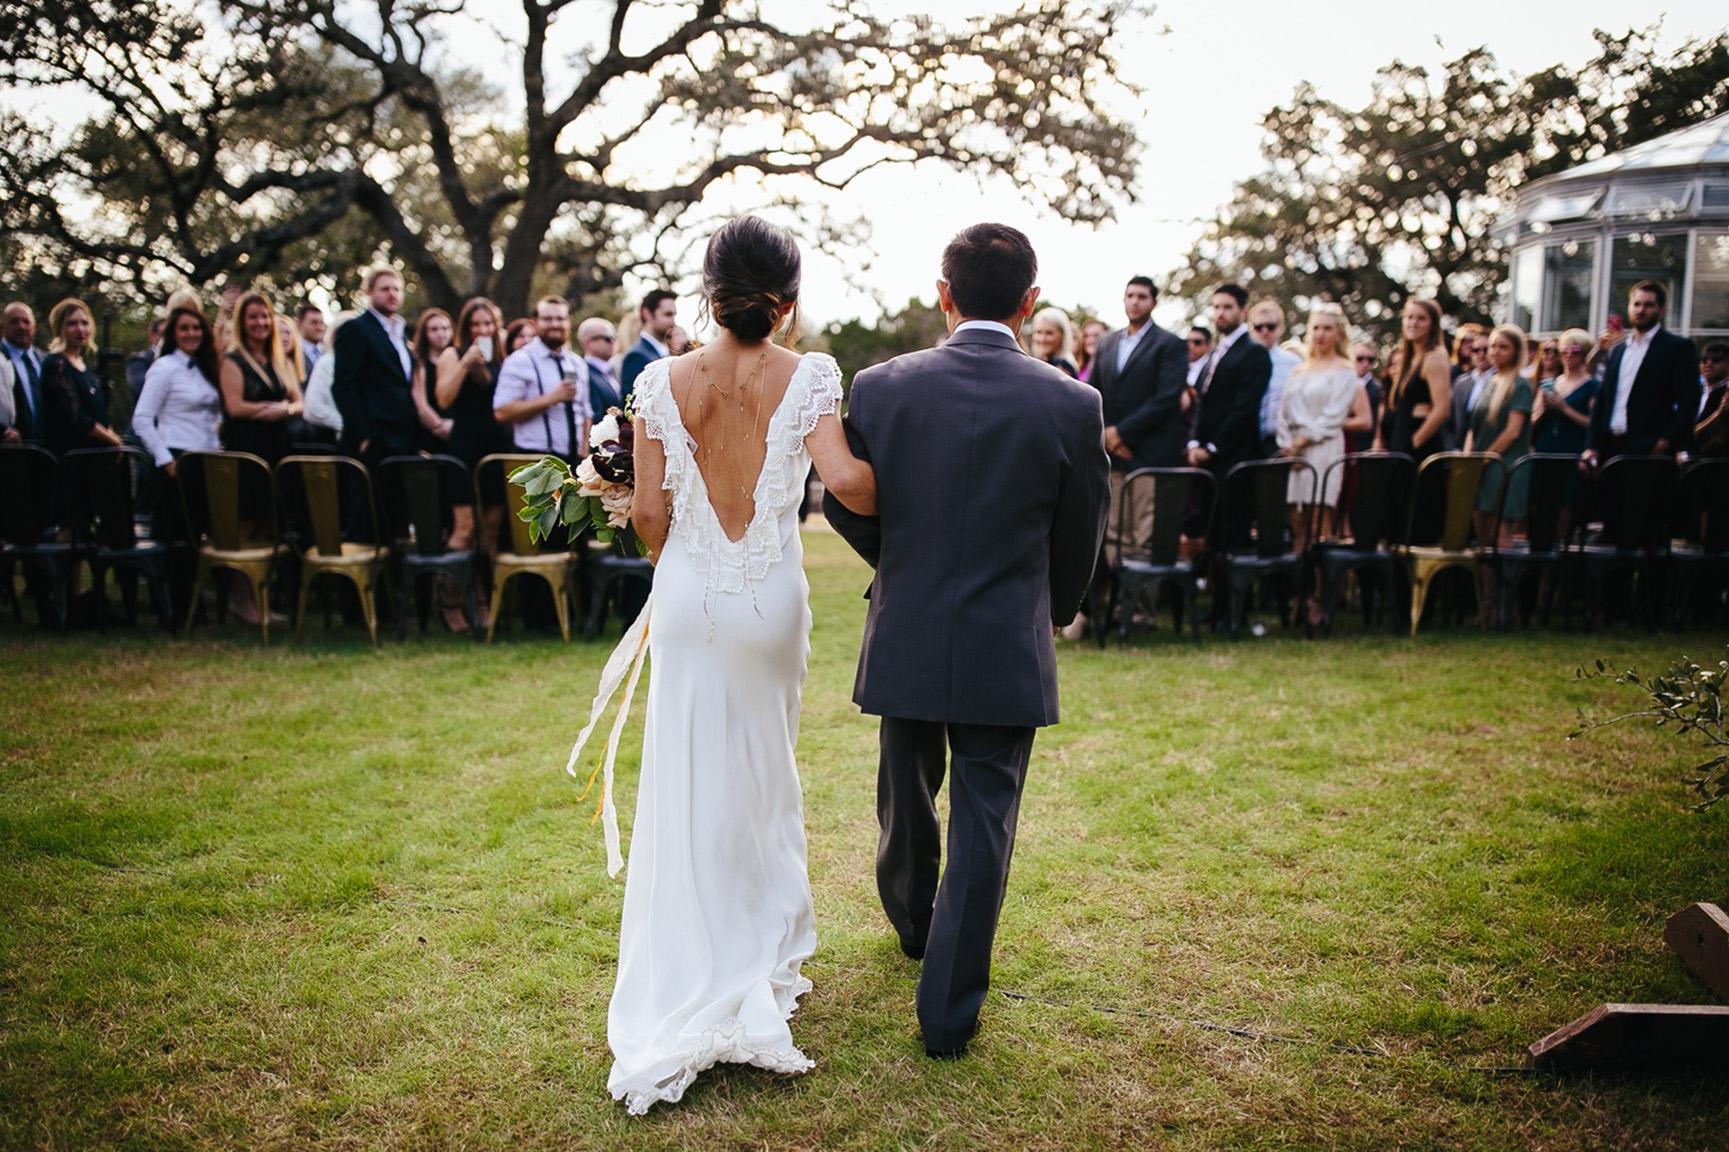 austin_WeddingPhotographer_021.jpg